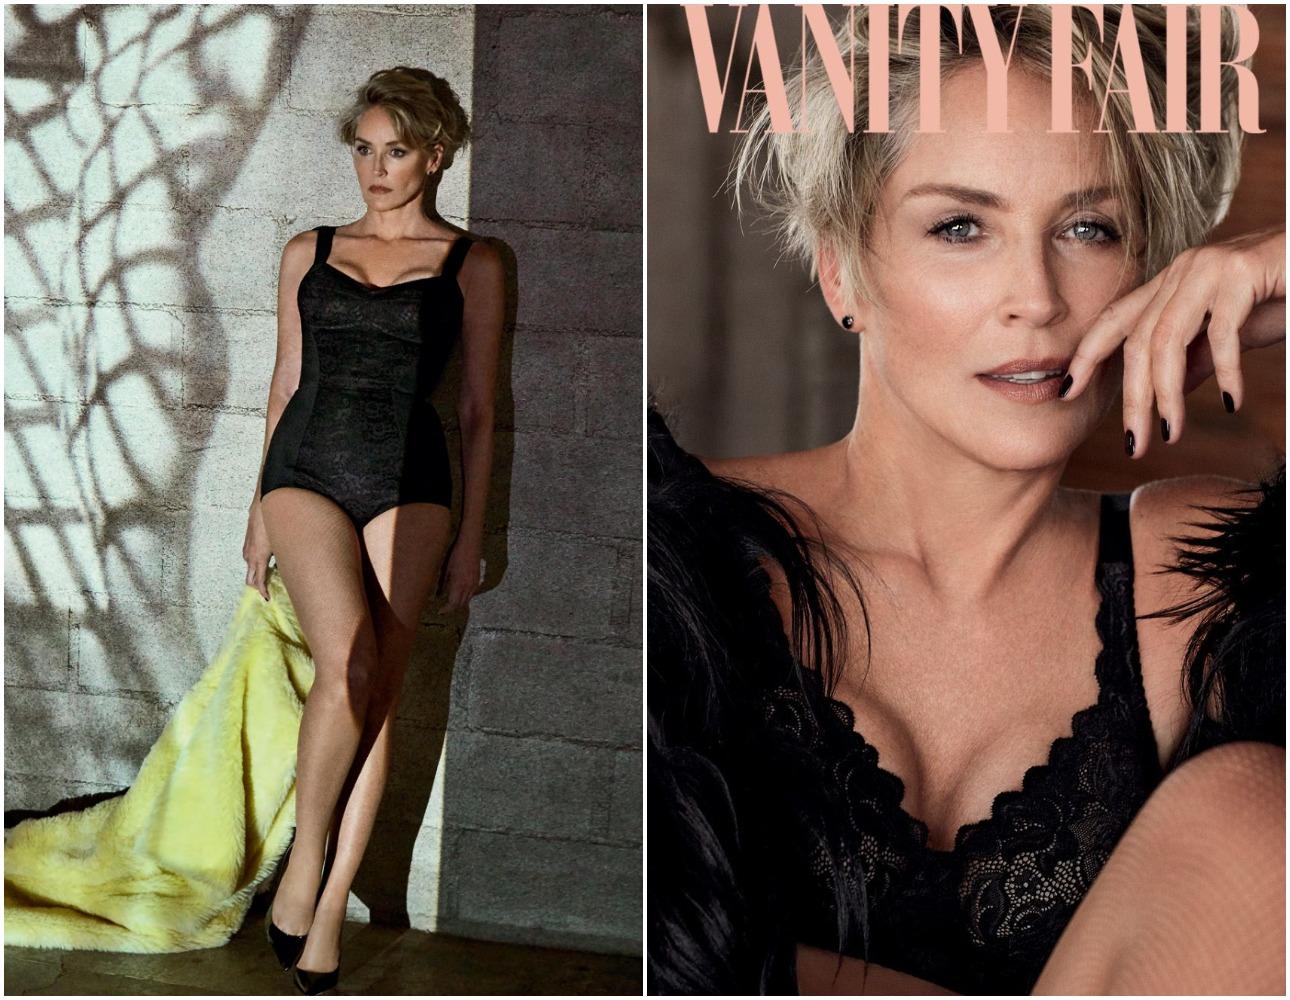 Φωτογραφημένη για τεύχος του Φεβρουαρίου της ιταλικής έκδοσης του Vanity Fair